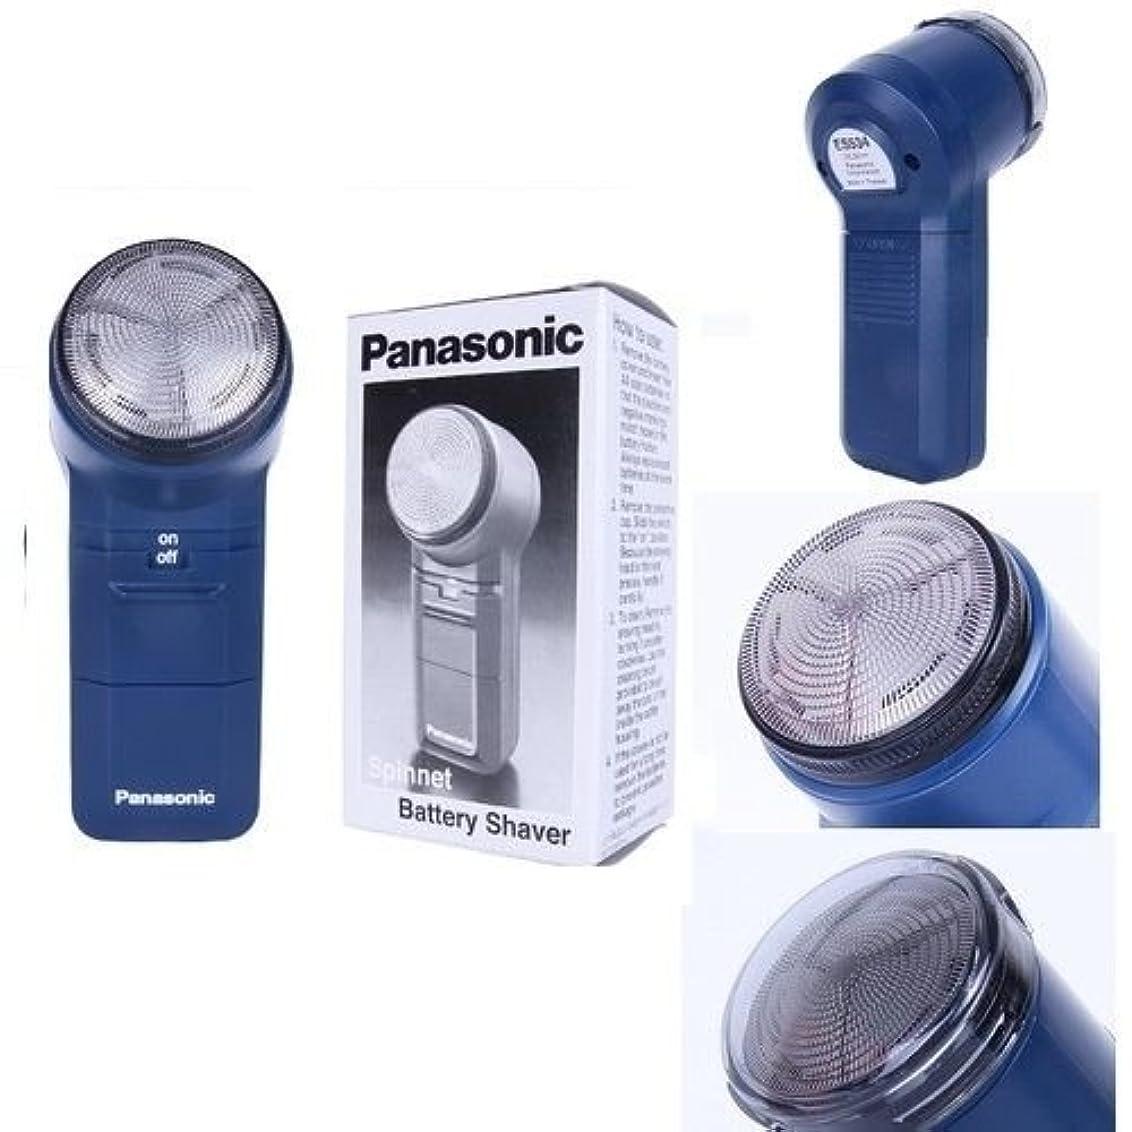 次確かめる告発Panasonic ES534電気シェーバースピンネットバッテリー純正と梱包 [並行輸入品]